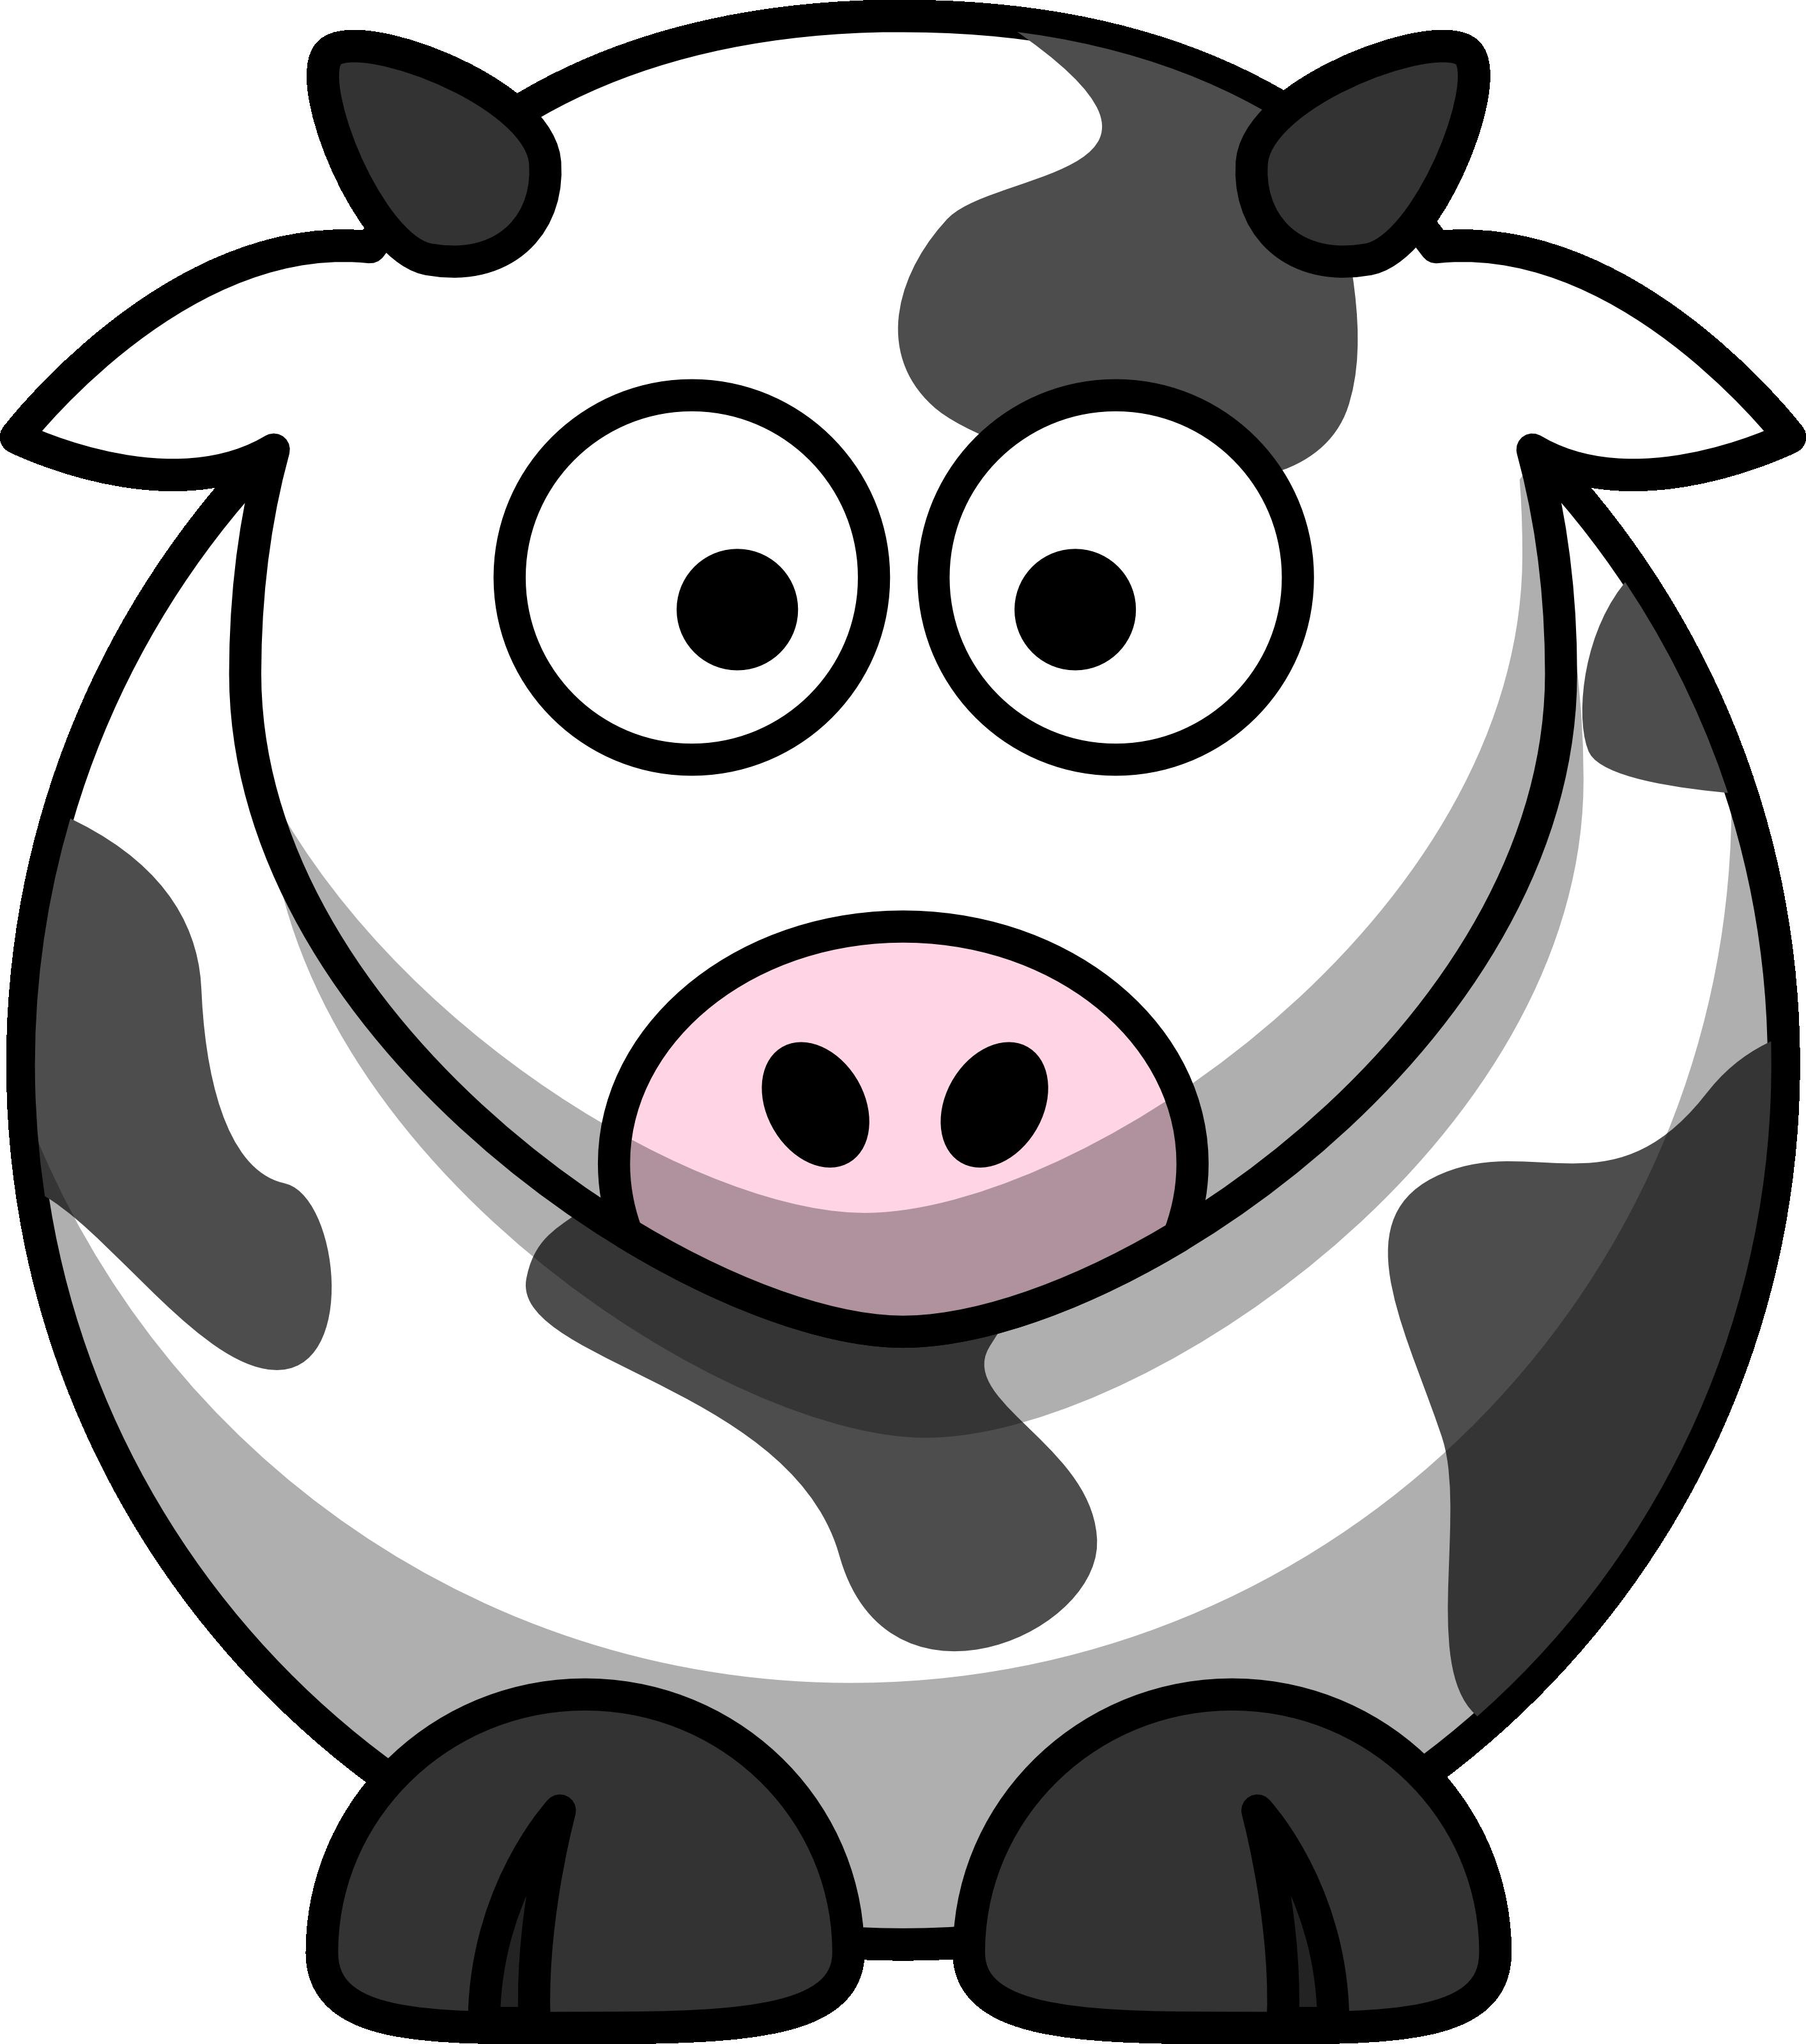 Cow Cartoon Clip Art Free